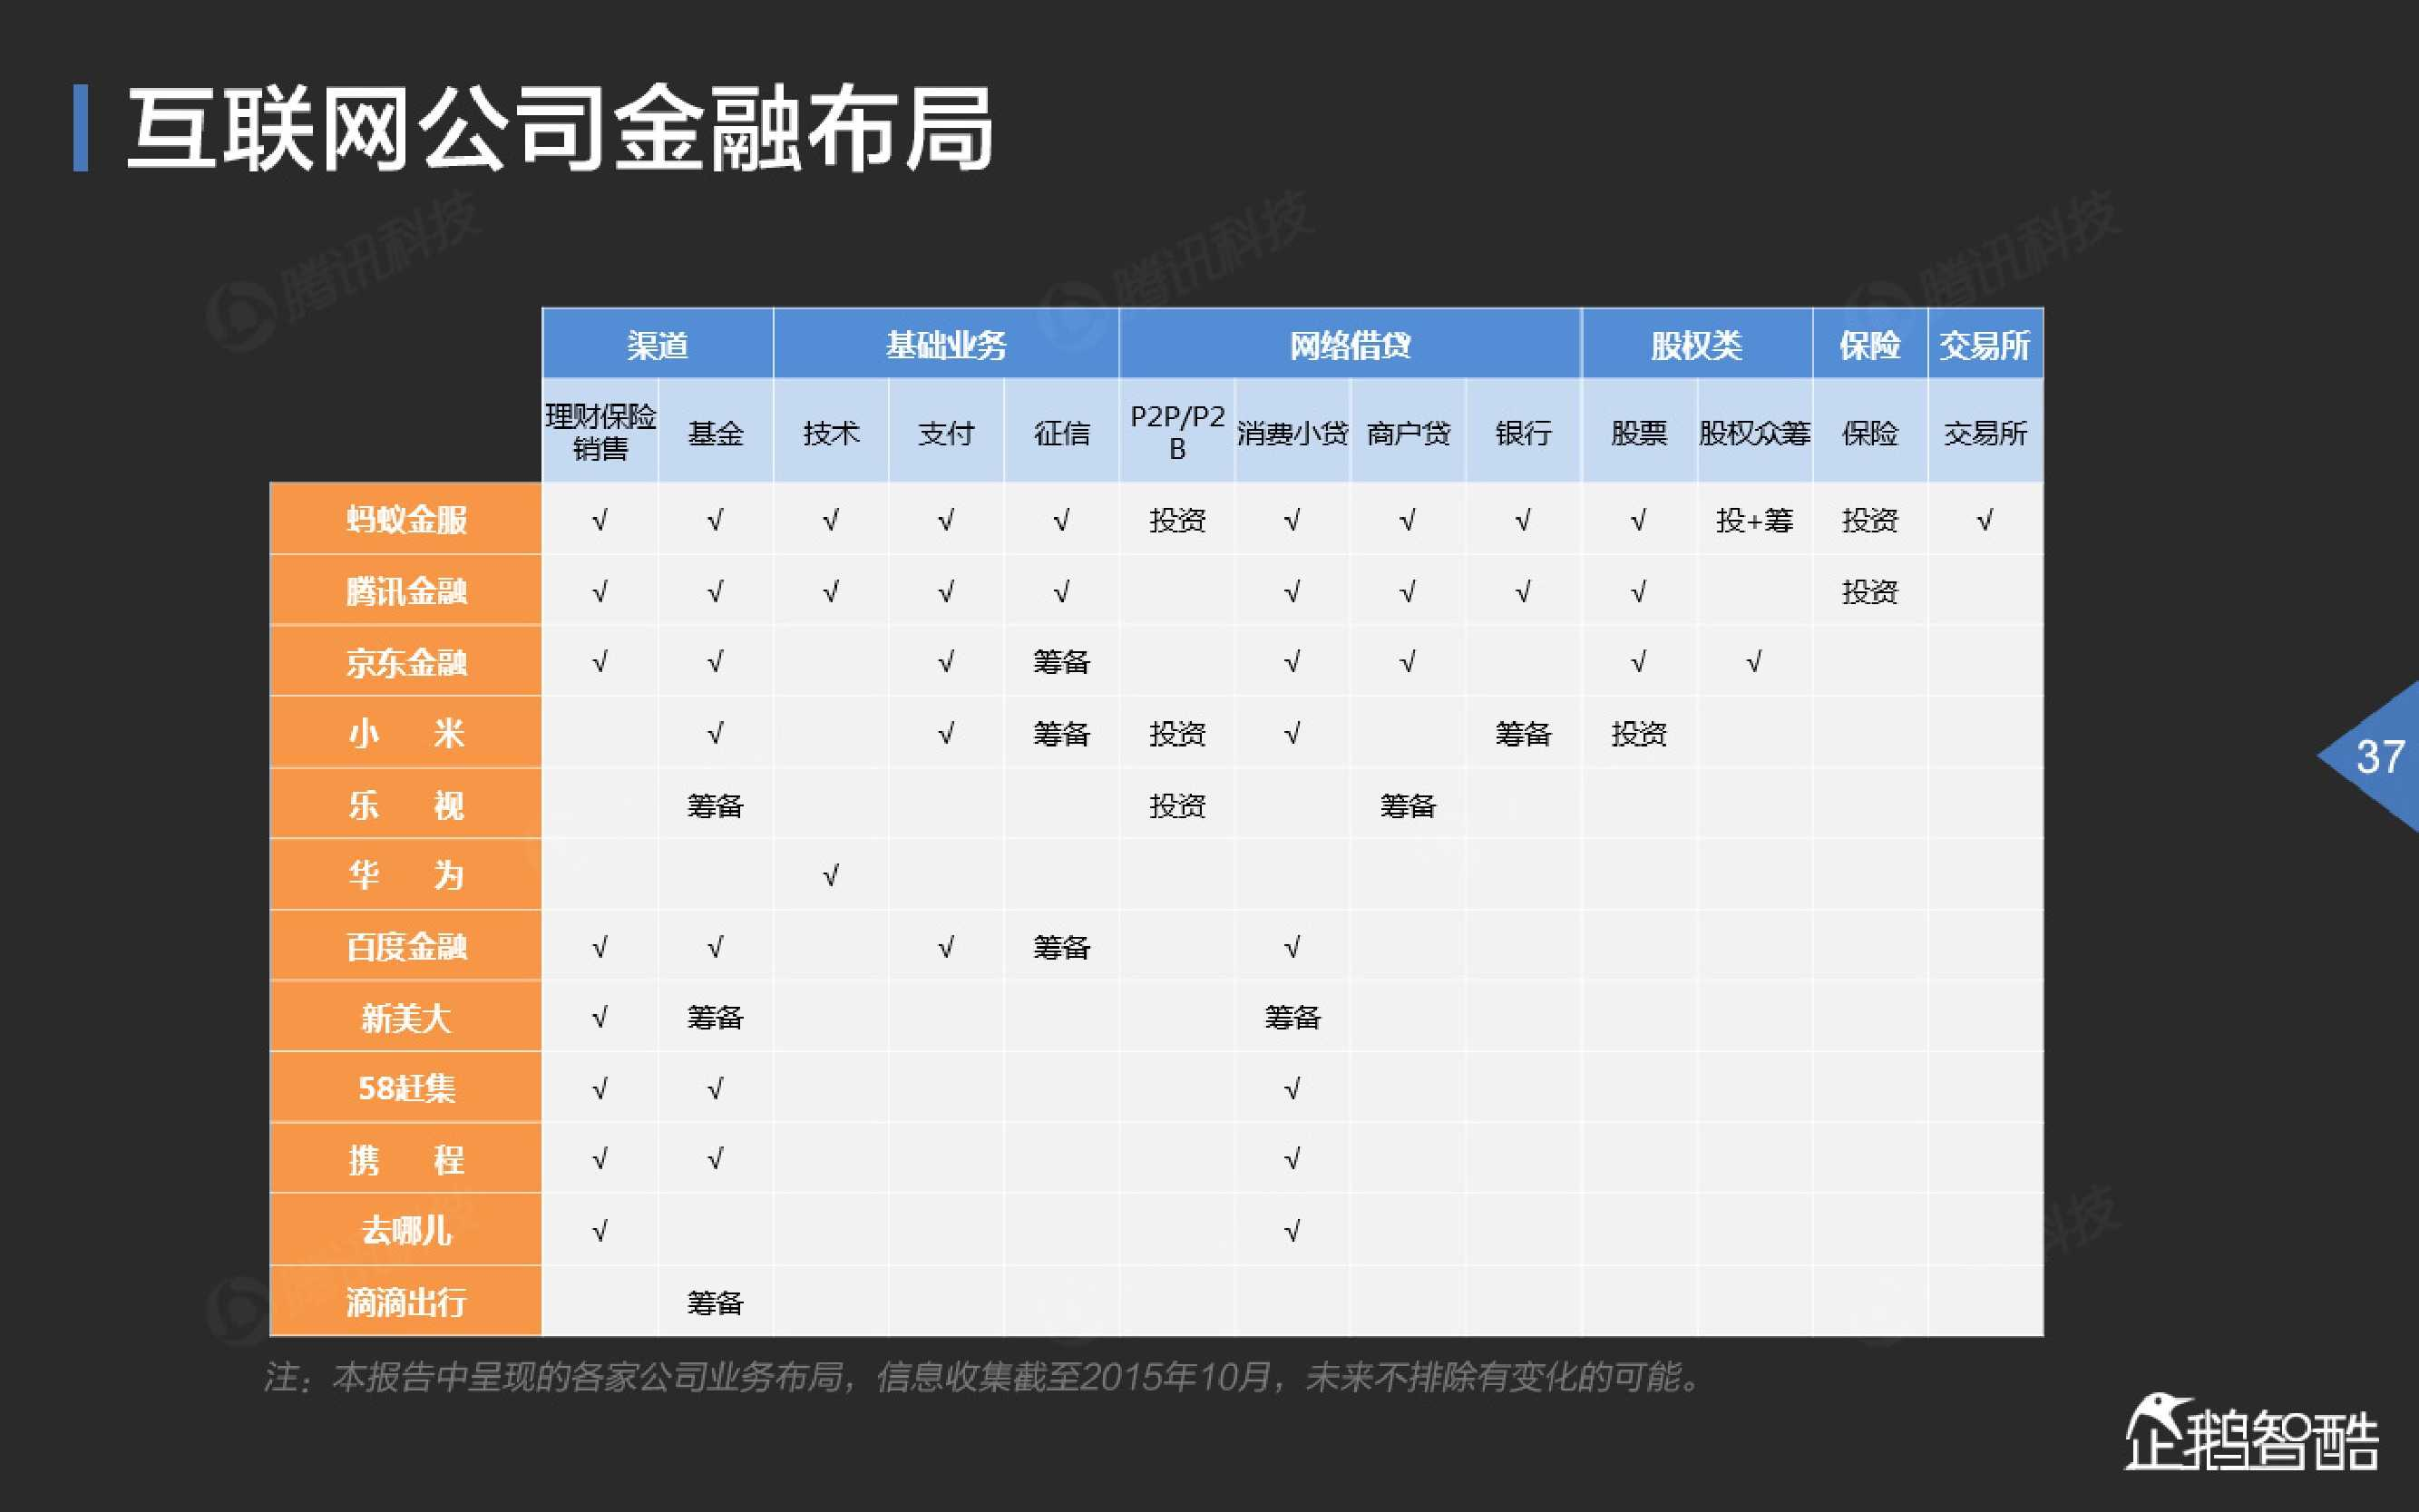 2015中国互联网金融趋势报告_000038